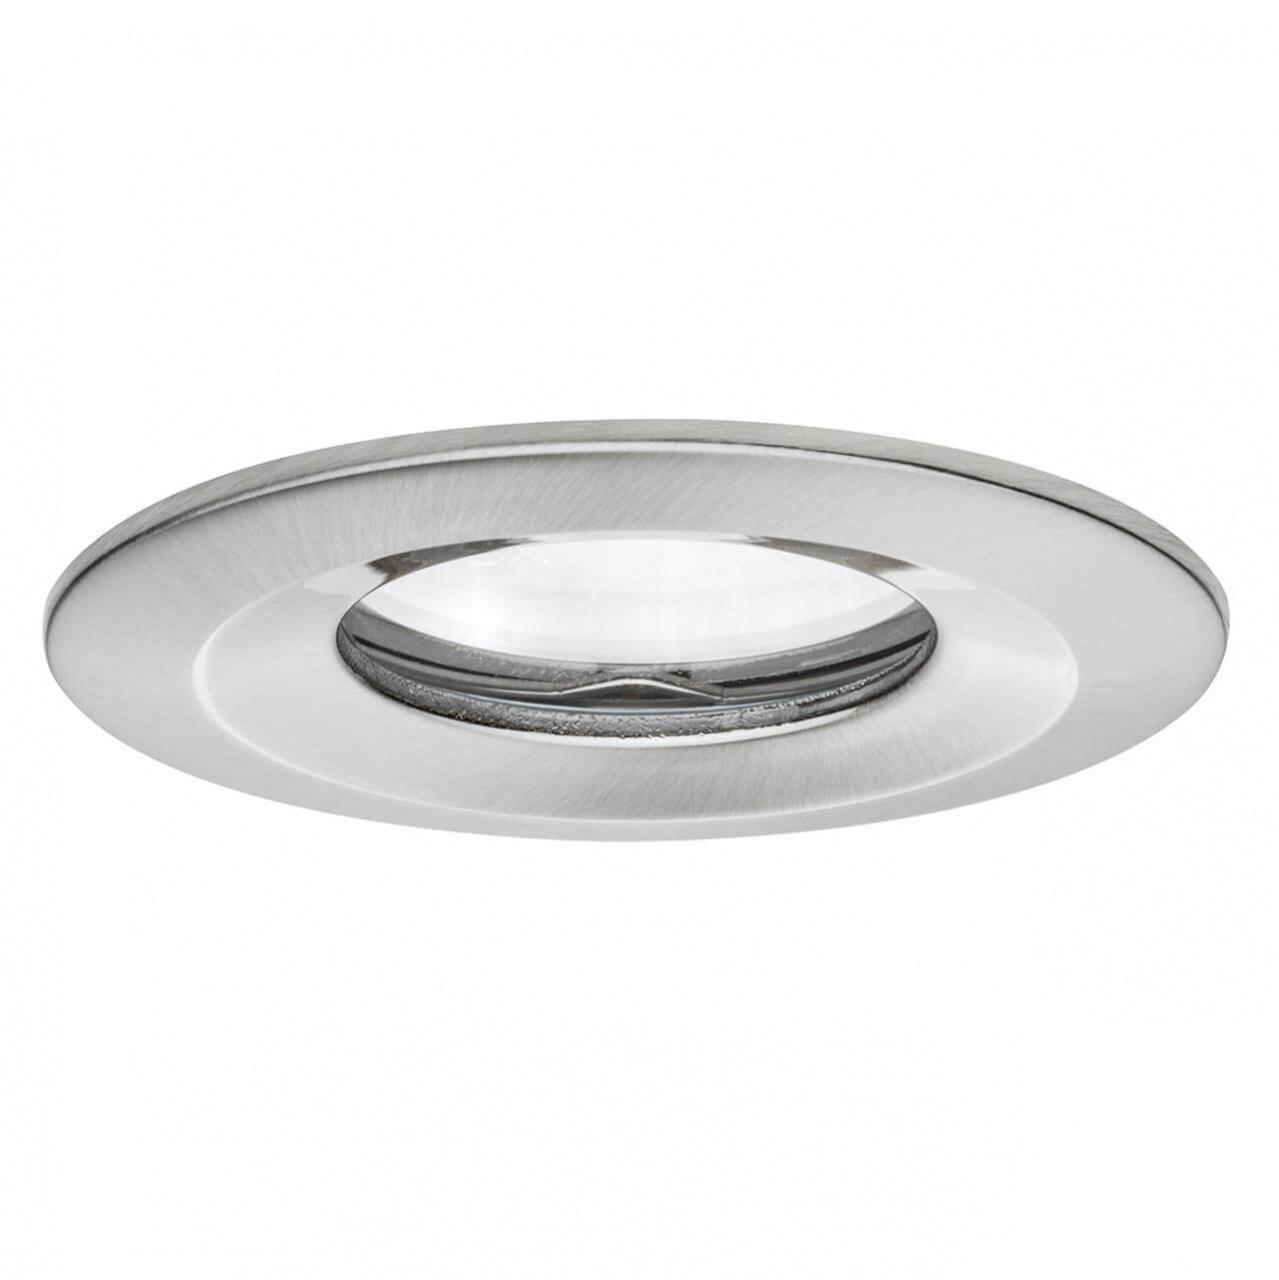 Встраиваемый светодиодный светильник Paulmann Nova 93626